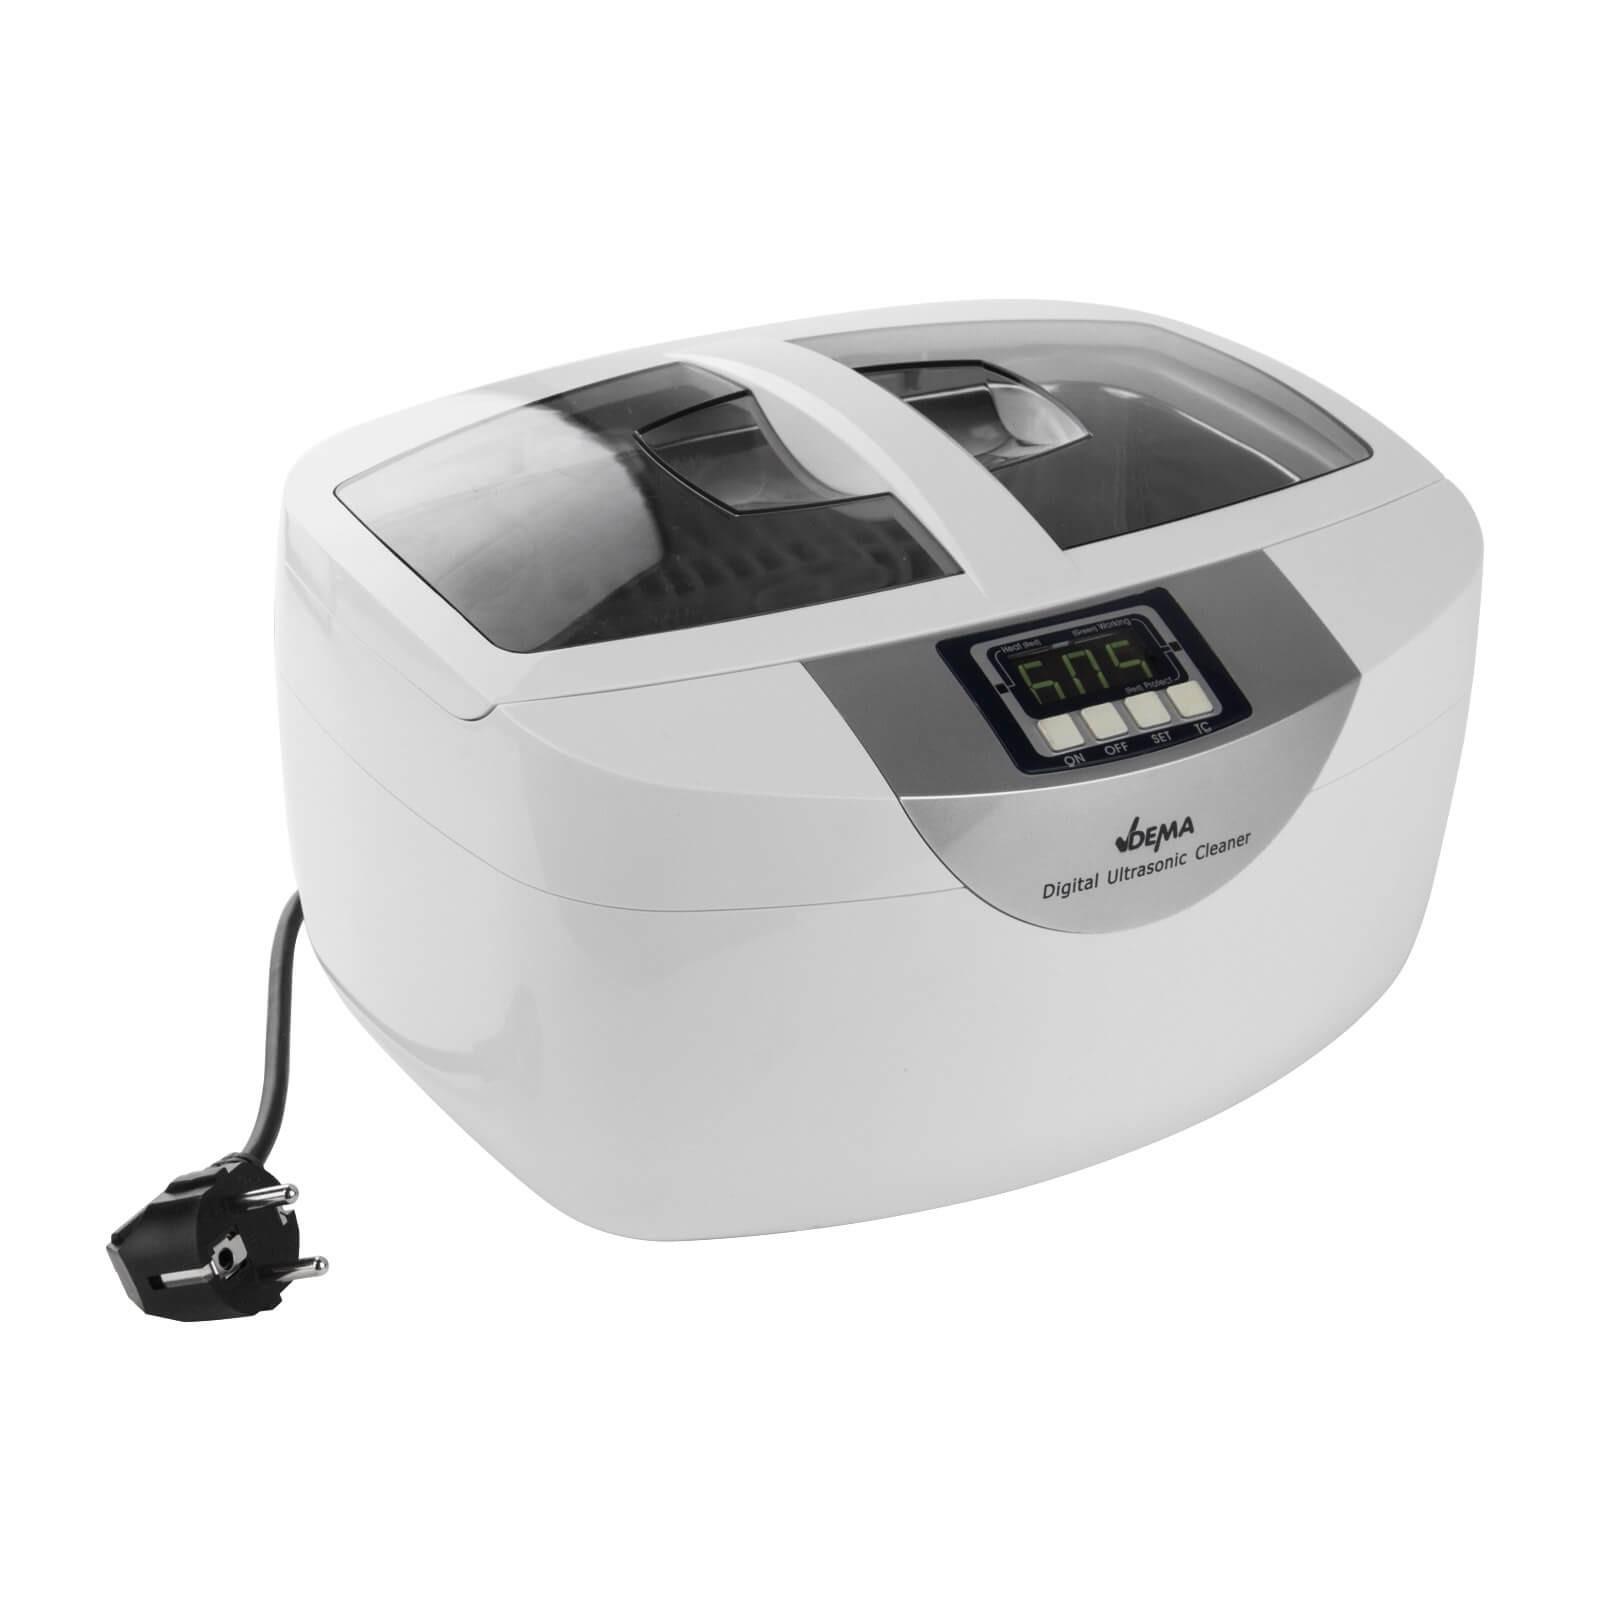 Dema Ultraschallreiniger / Ultraschallreinigungsgerät USR 2200/170 E 60949